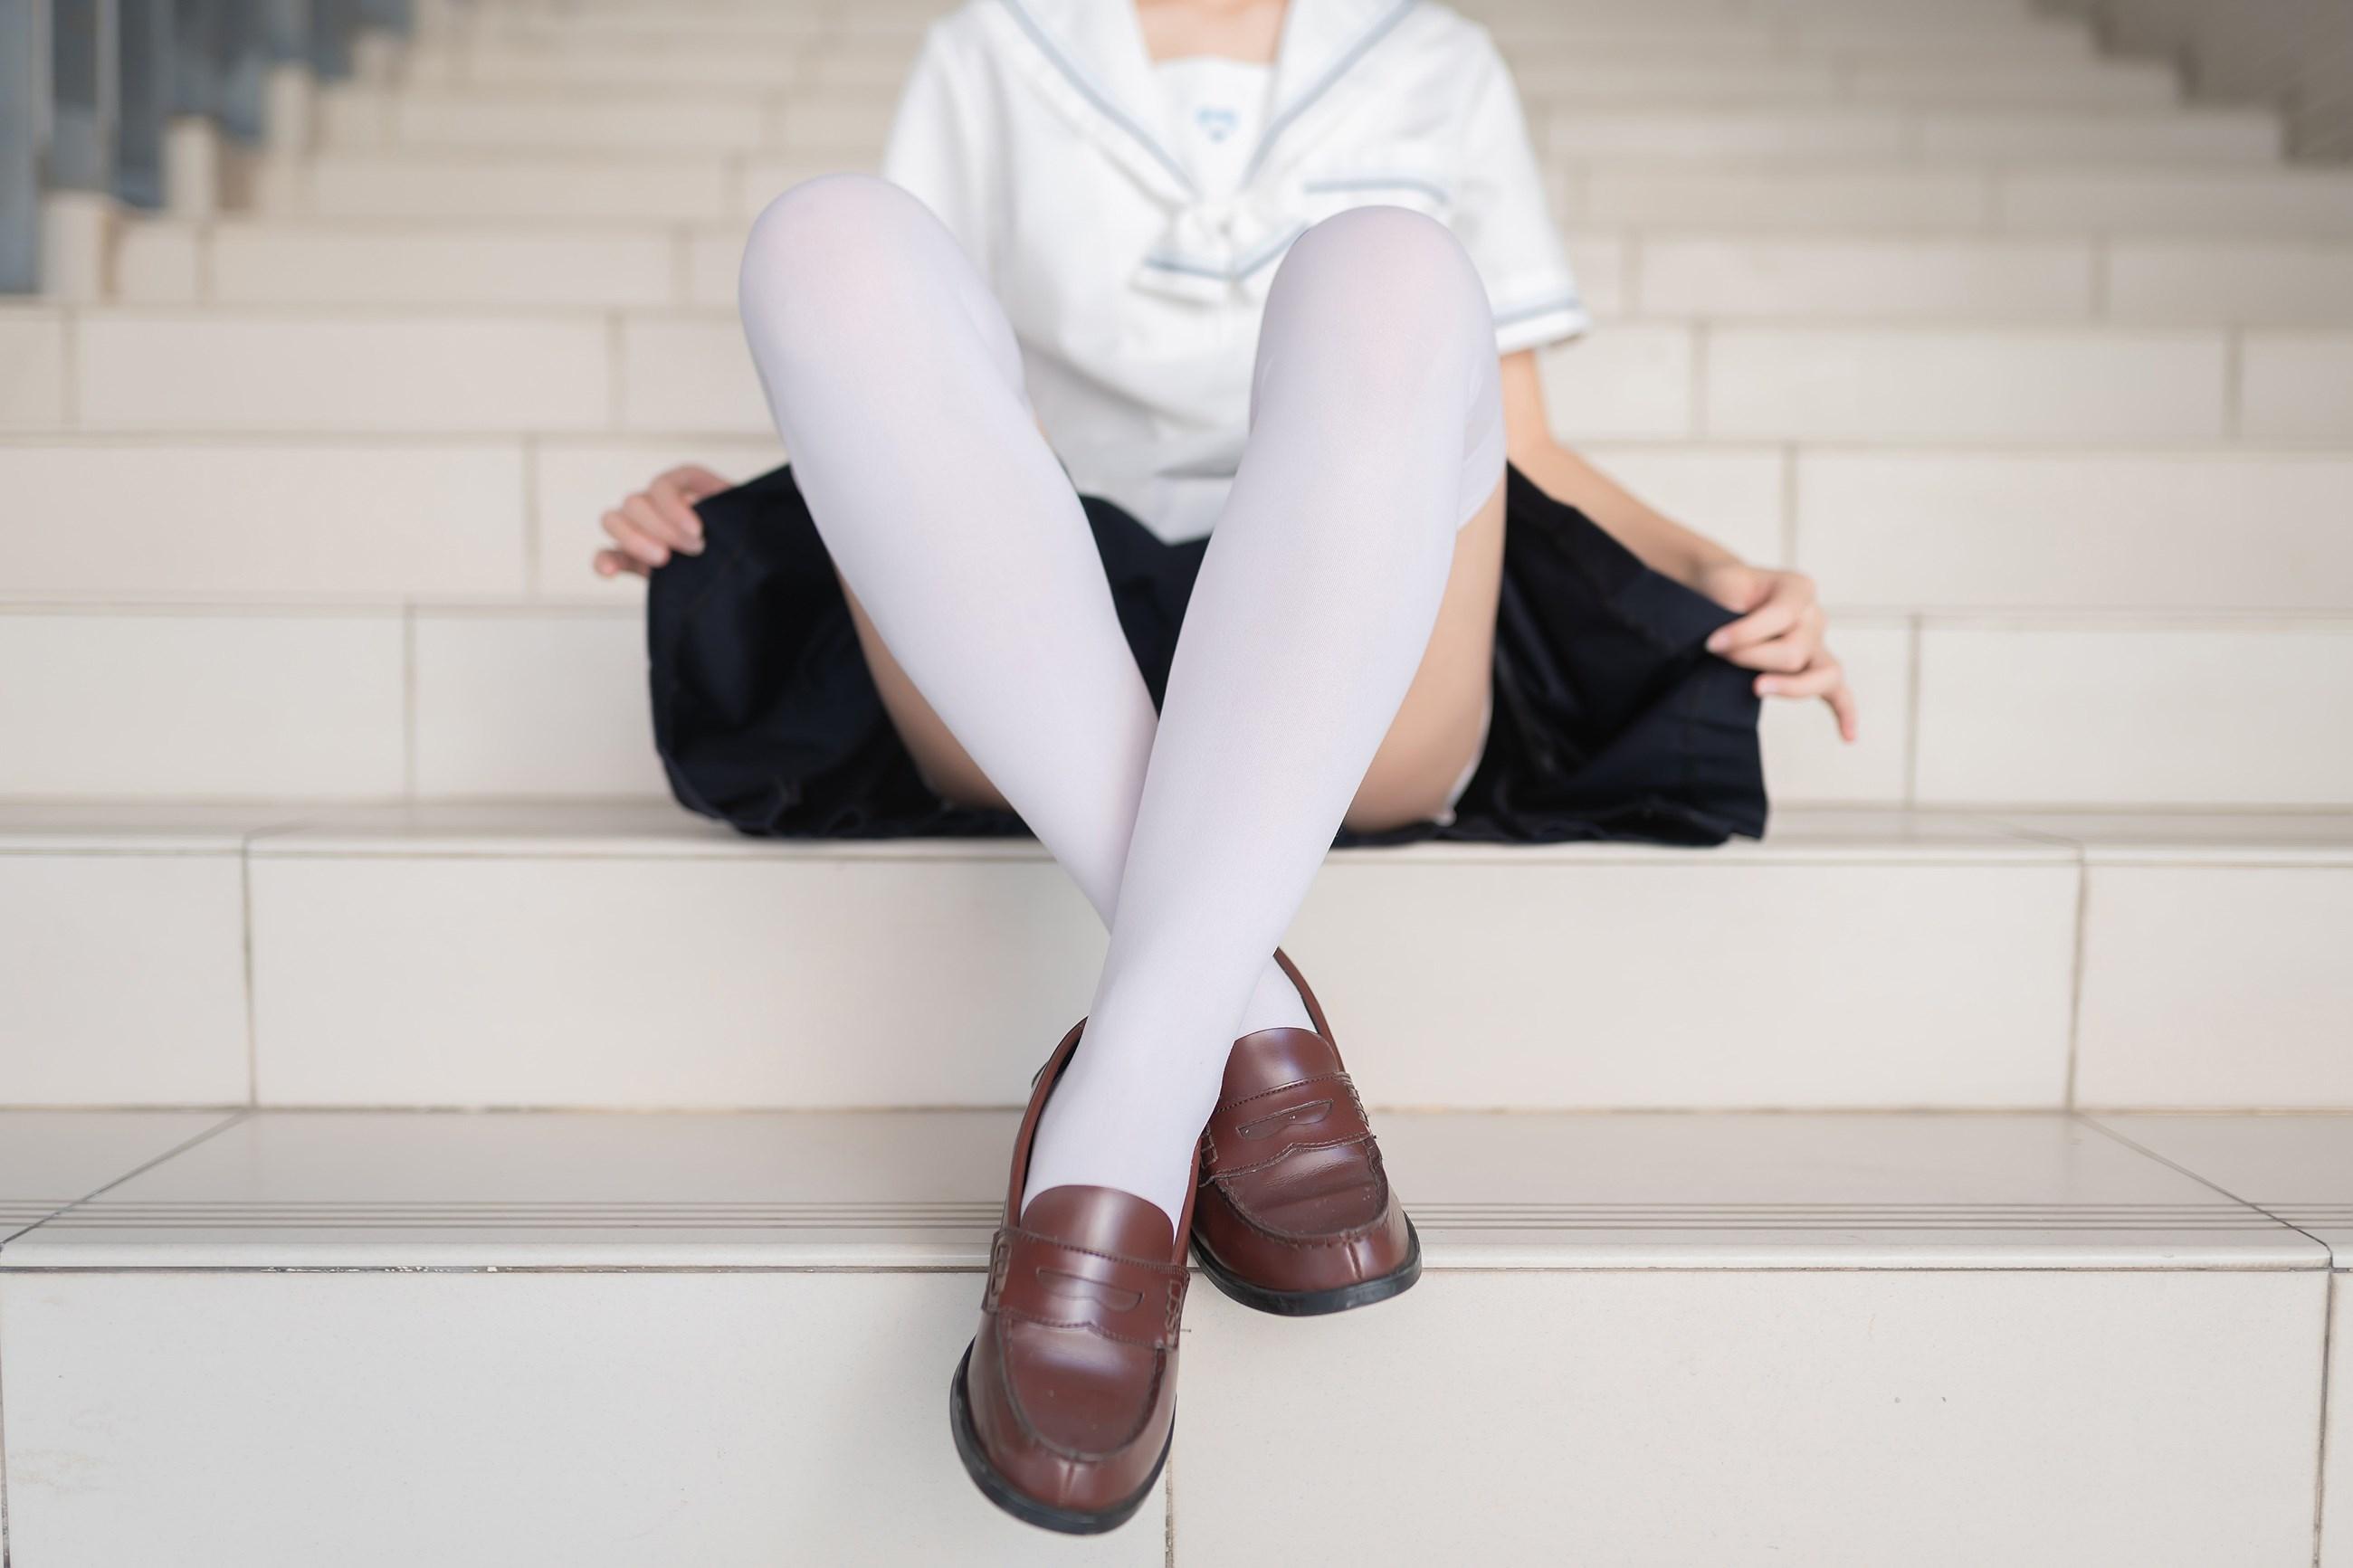 【兔玩映画】楼梯上的白丝少女 兔玩映画 第12张